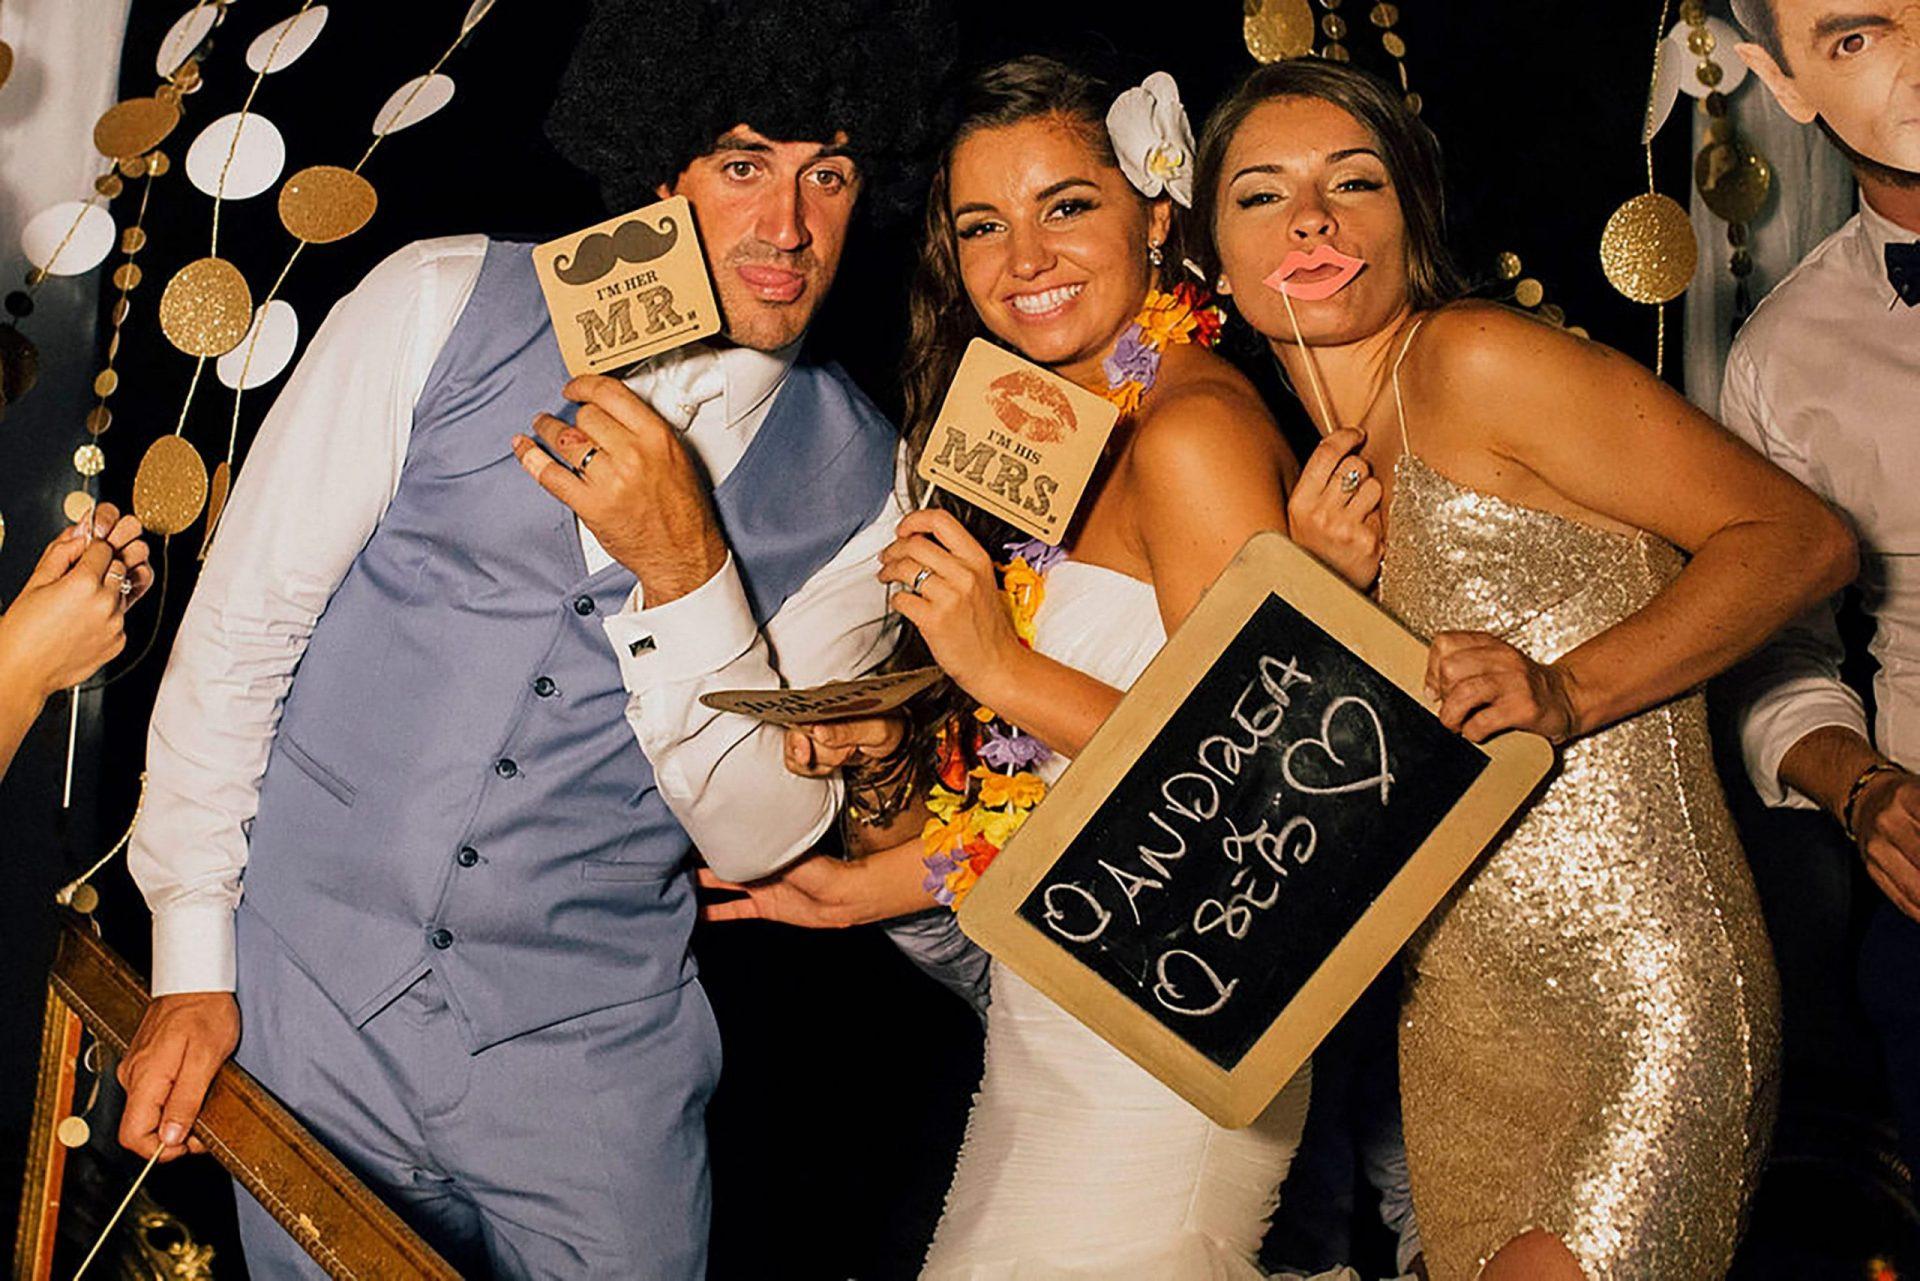 Andrea and Sebastien, wedding party